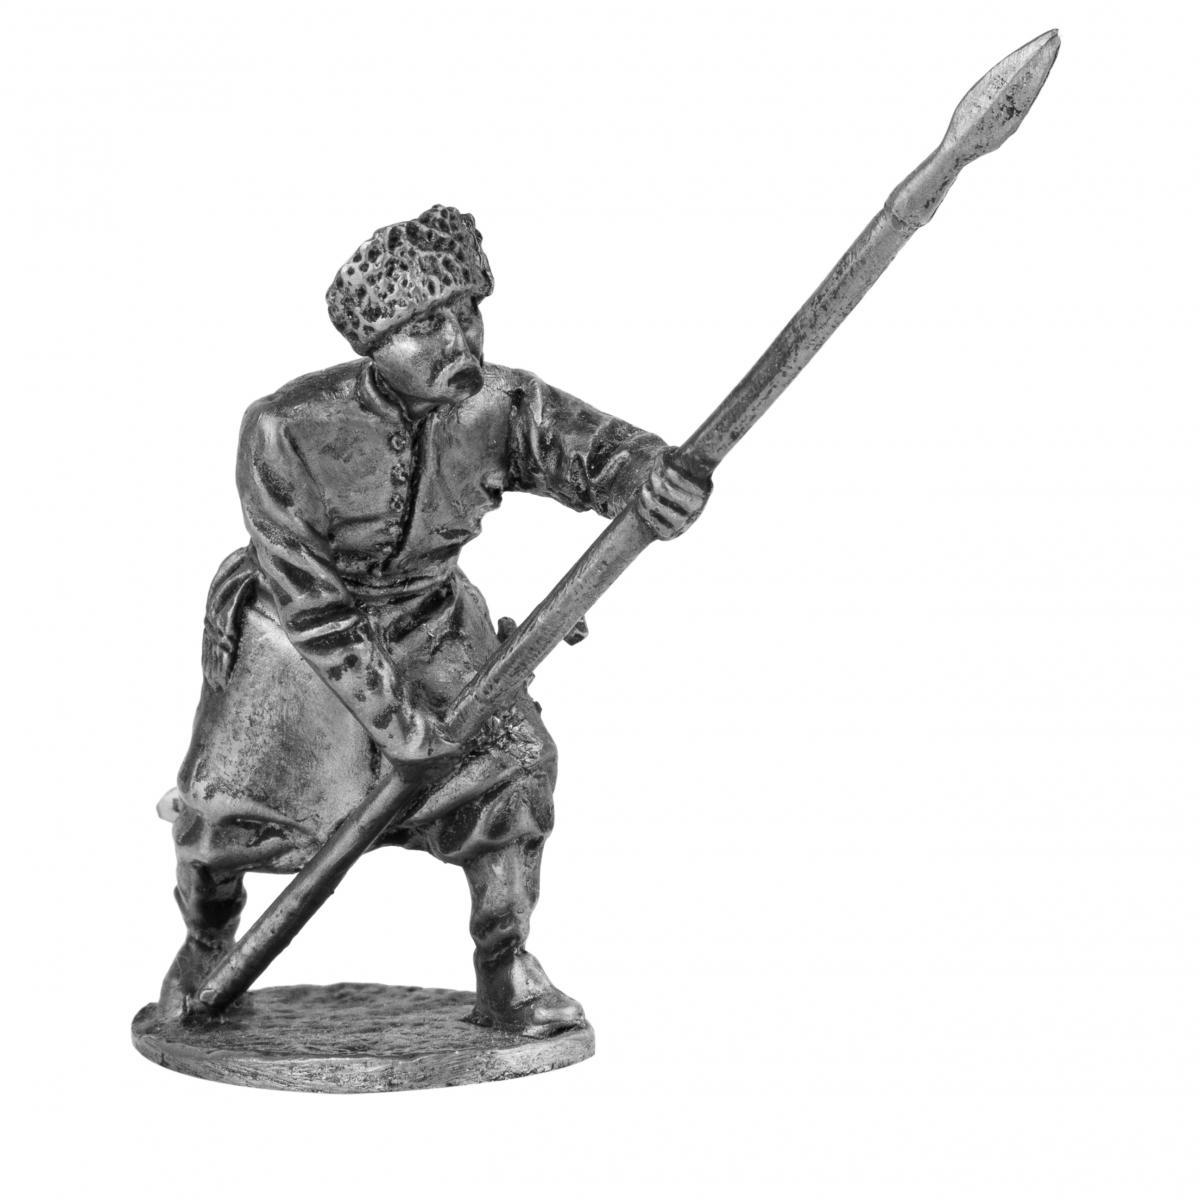 Серебристая фигурка человека с копьем